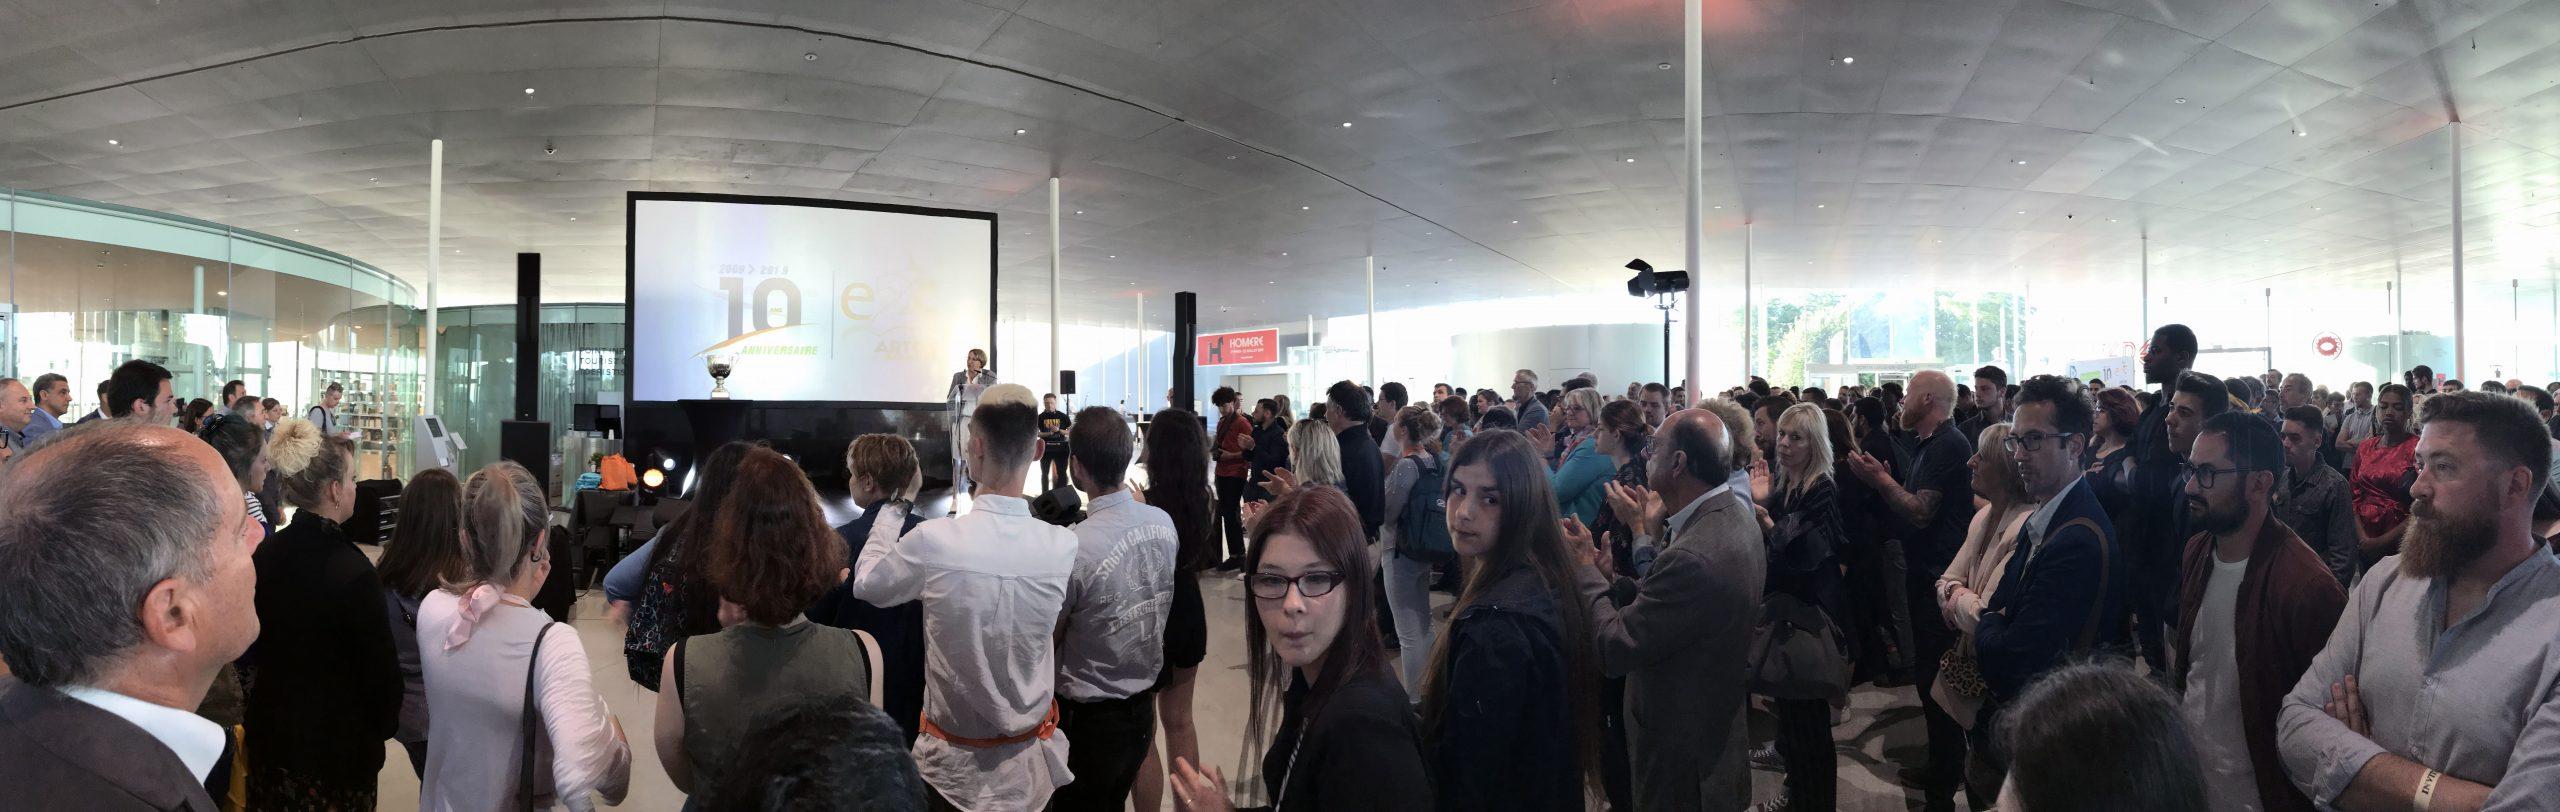 Clôture des E2Ciades 2019 au Louvre Lens